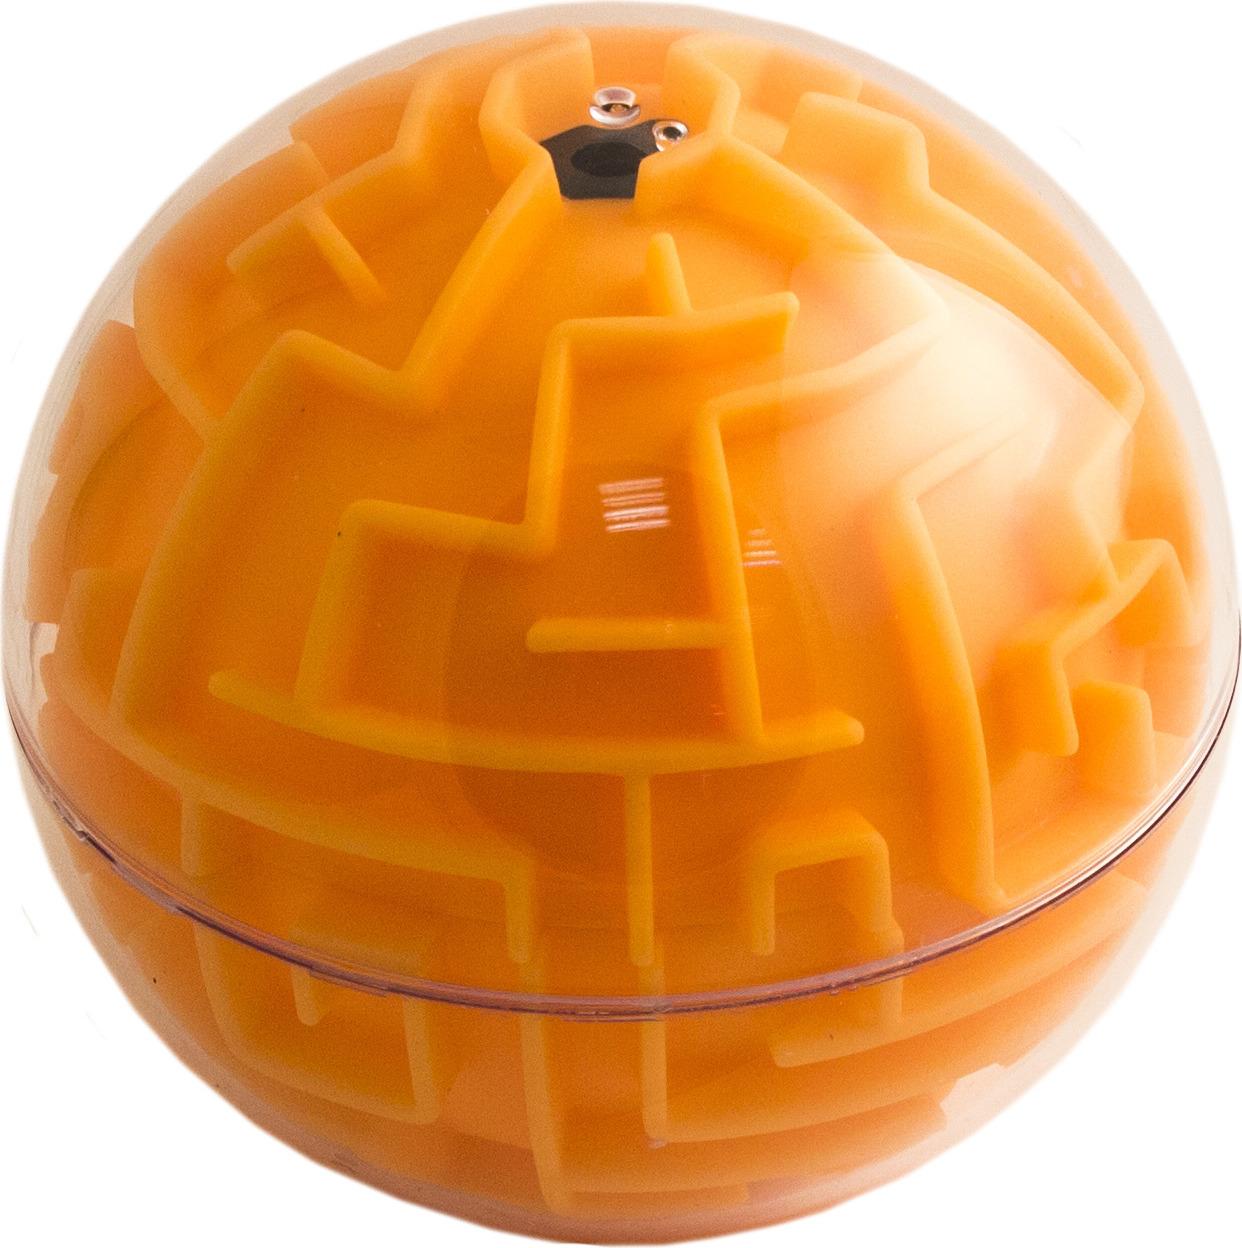 Фото - Головоломка-лабиринт Эврика Сфера, цвет: оранжевый светильник для чтения книг эврика цвет оранжевый